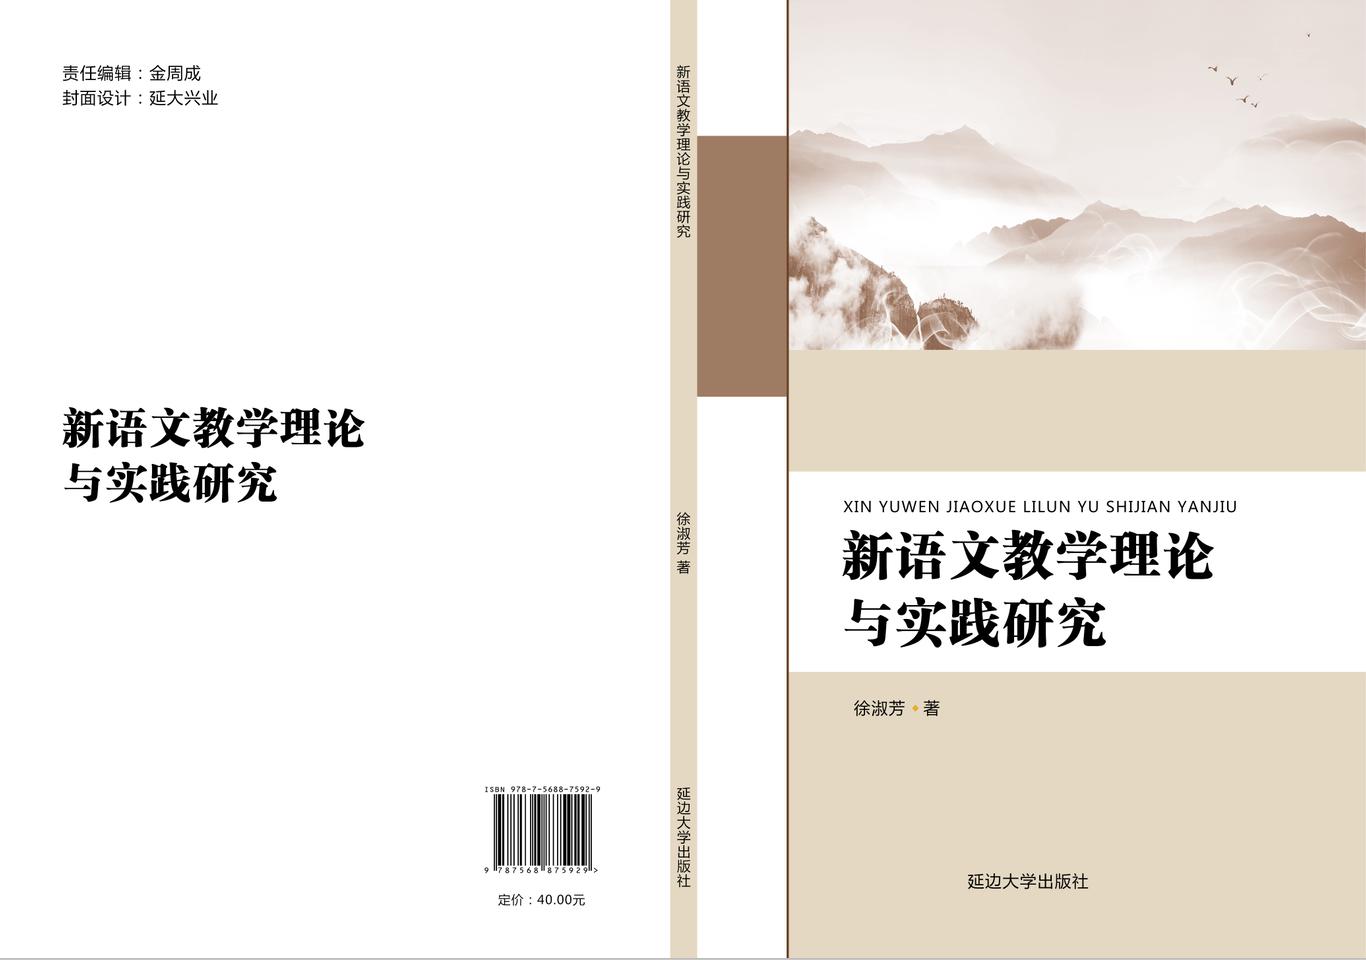 新语文教学理论与实践研究